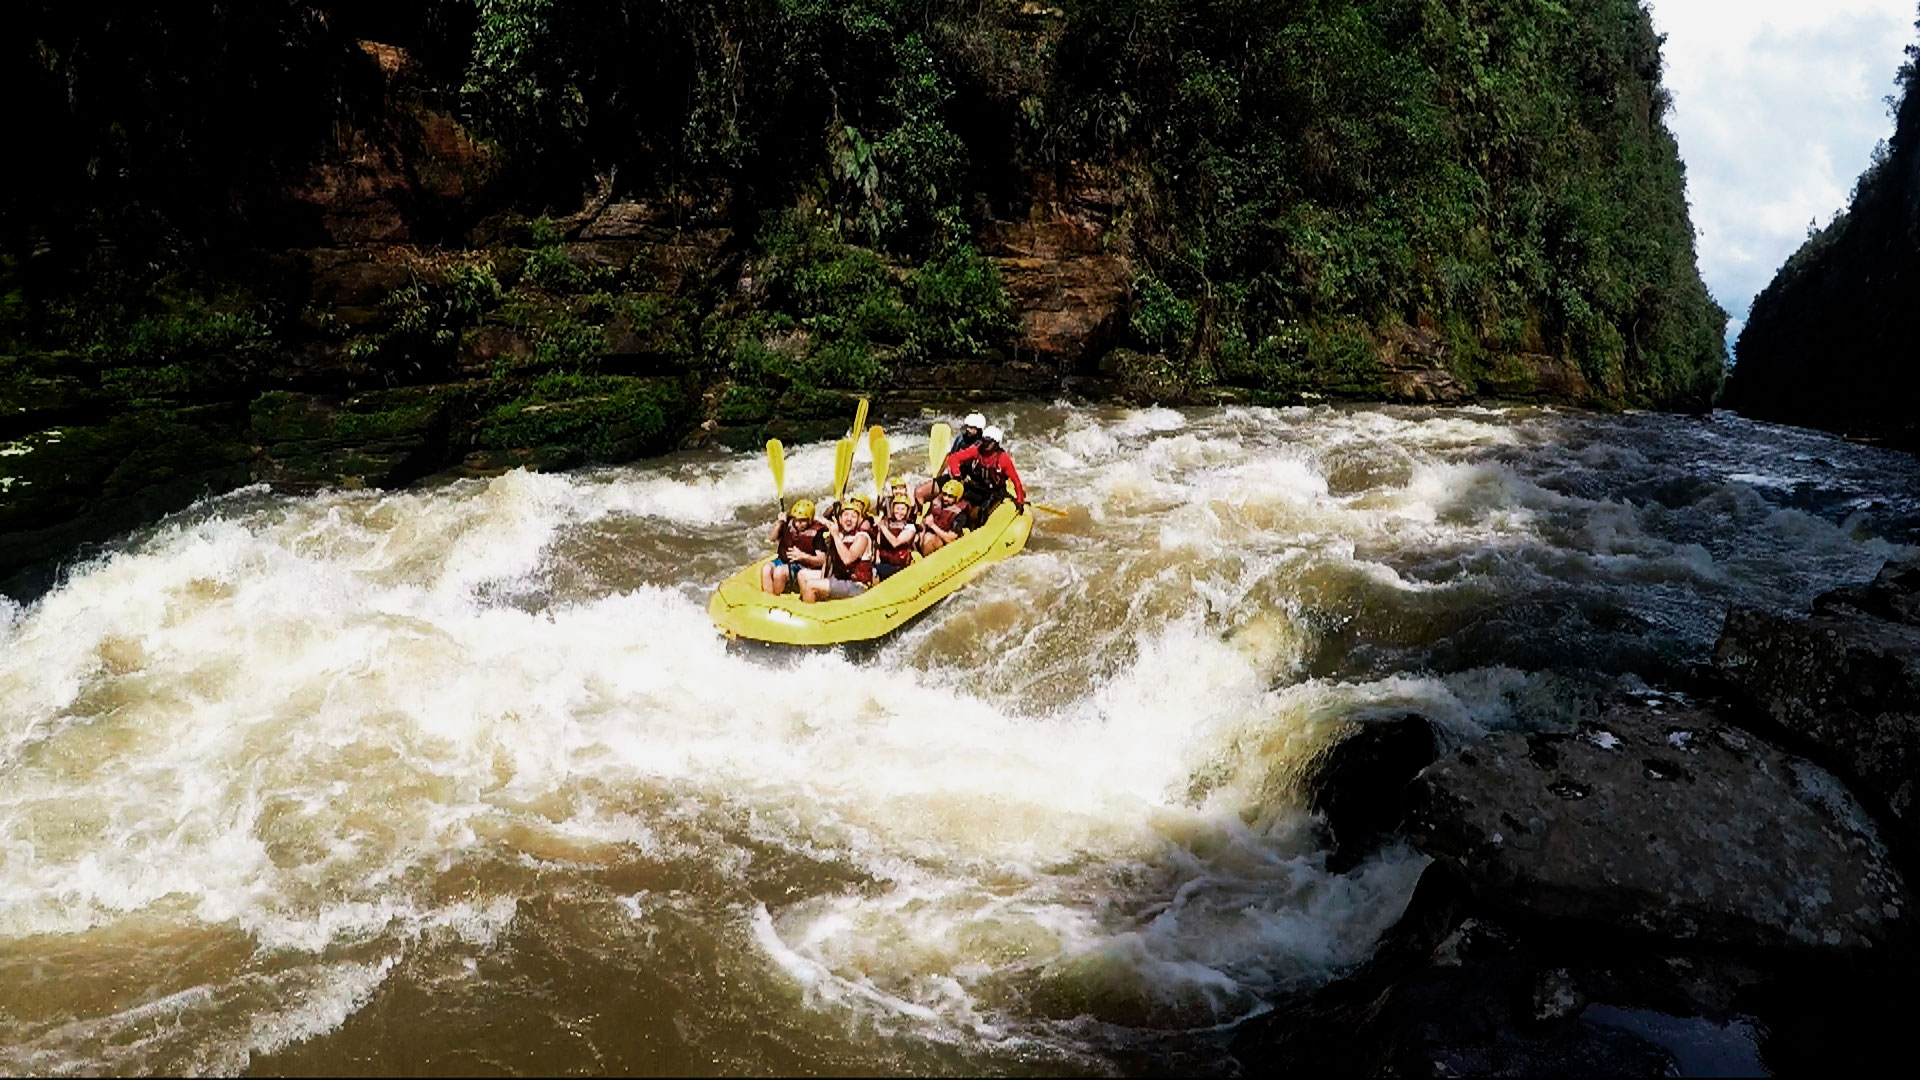 Grupo de pessoas praticando rafting no rio jaguariaíva, em Piraí do Sul.